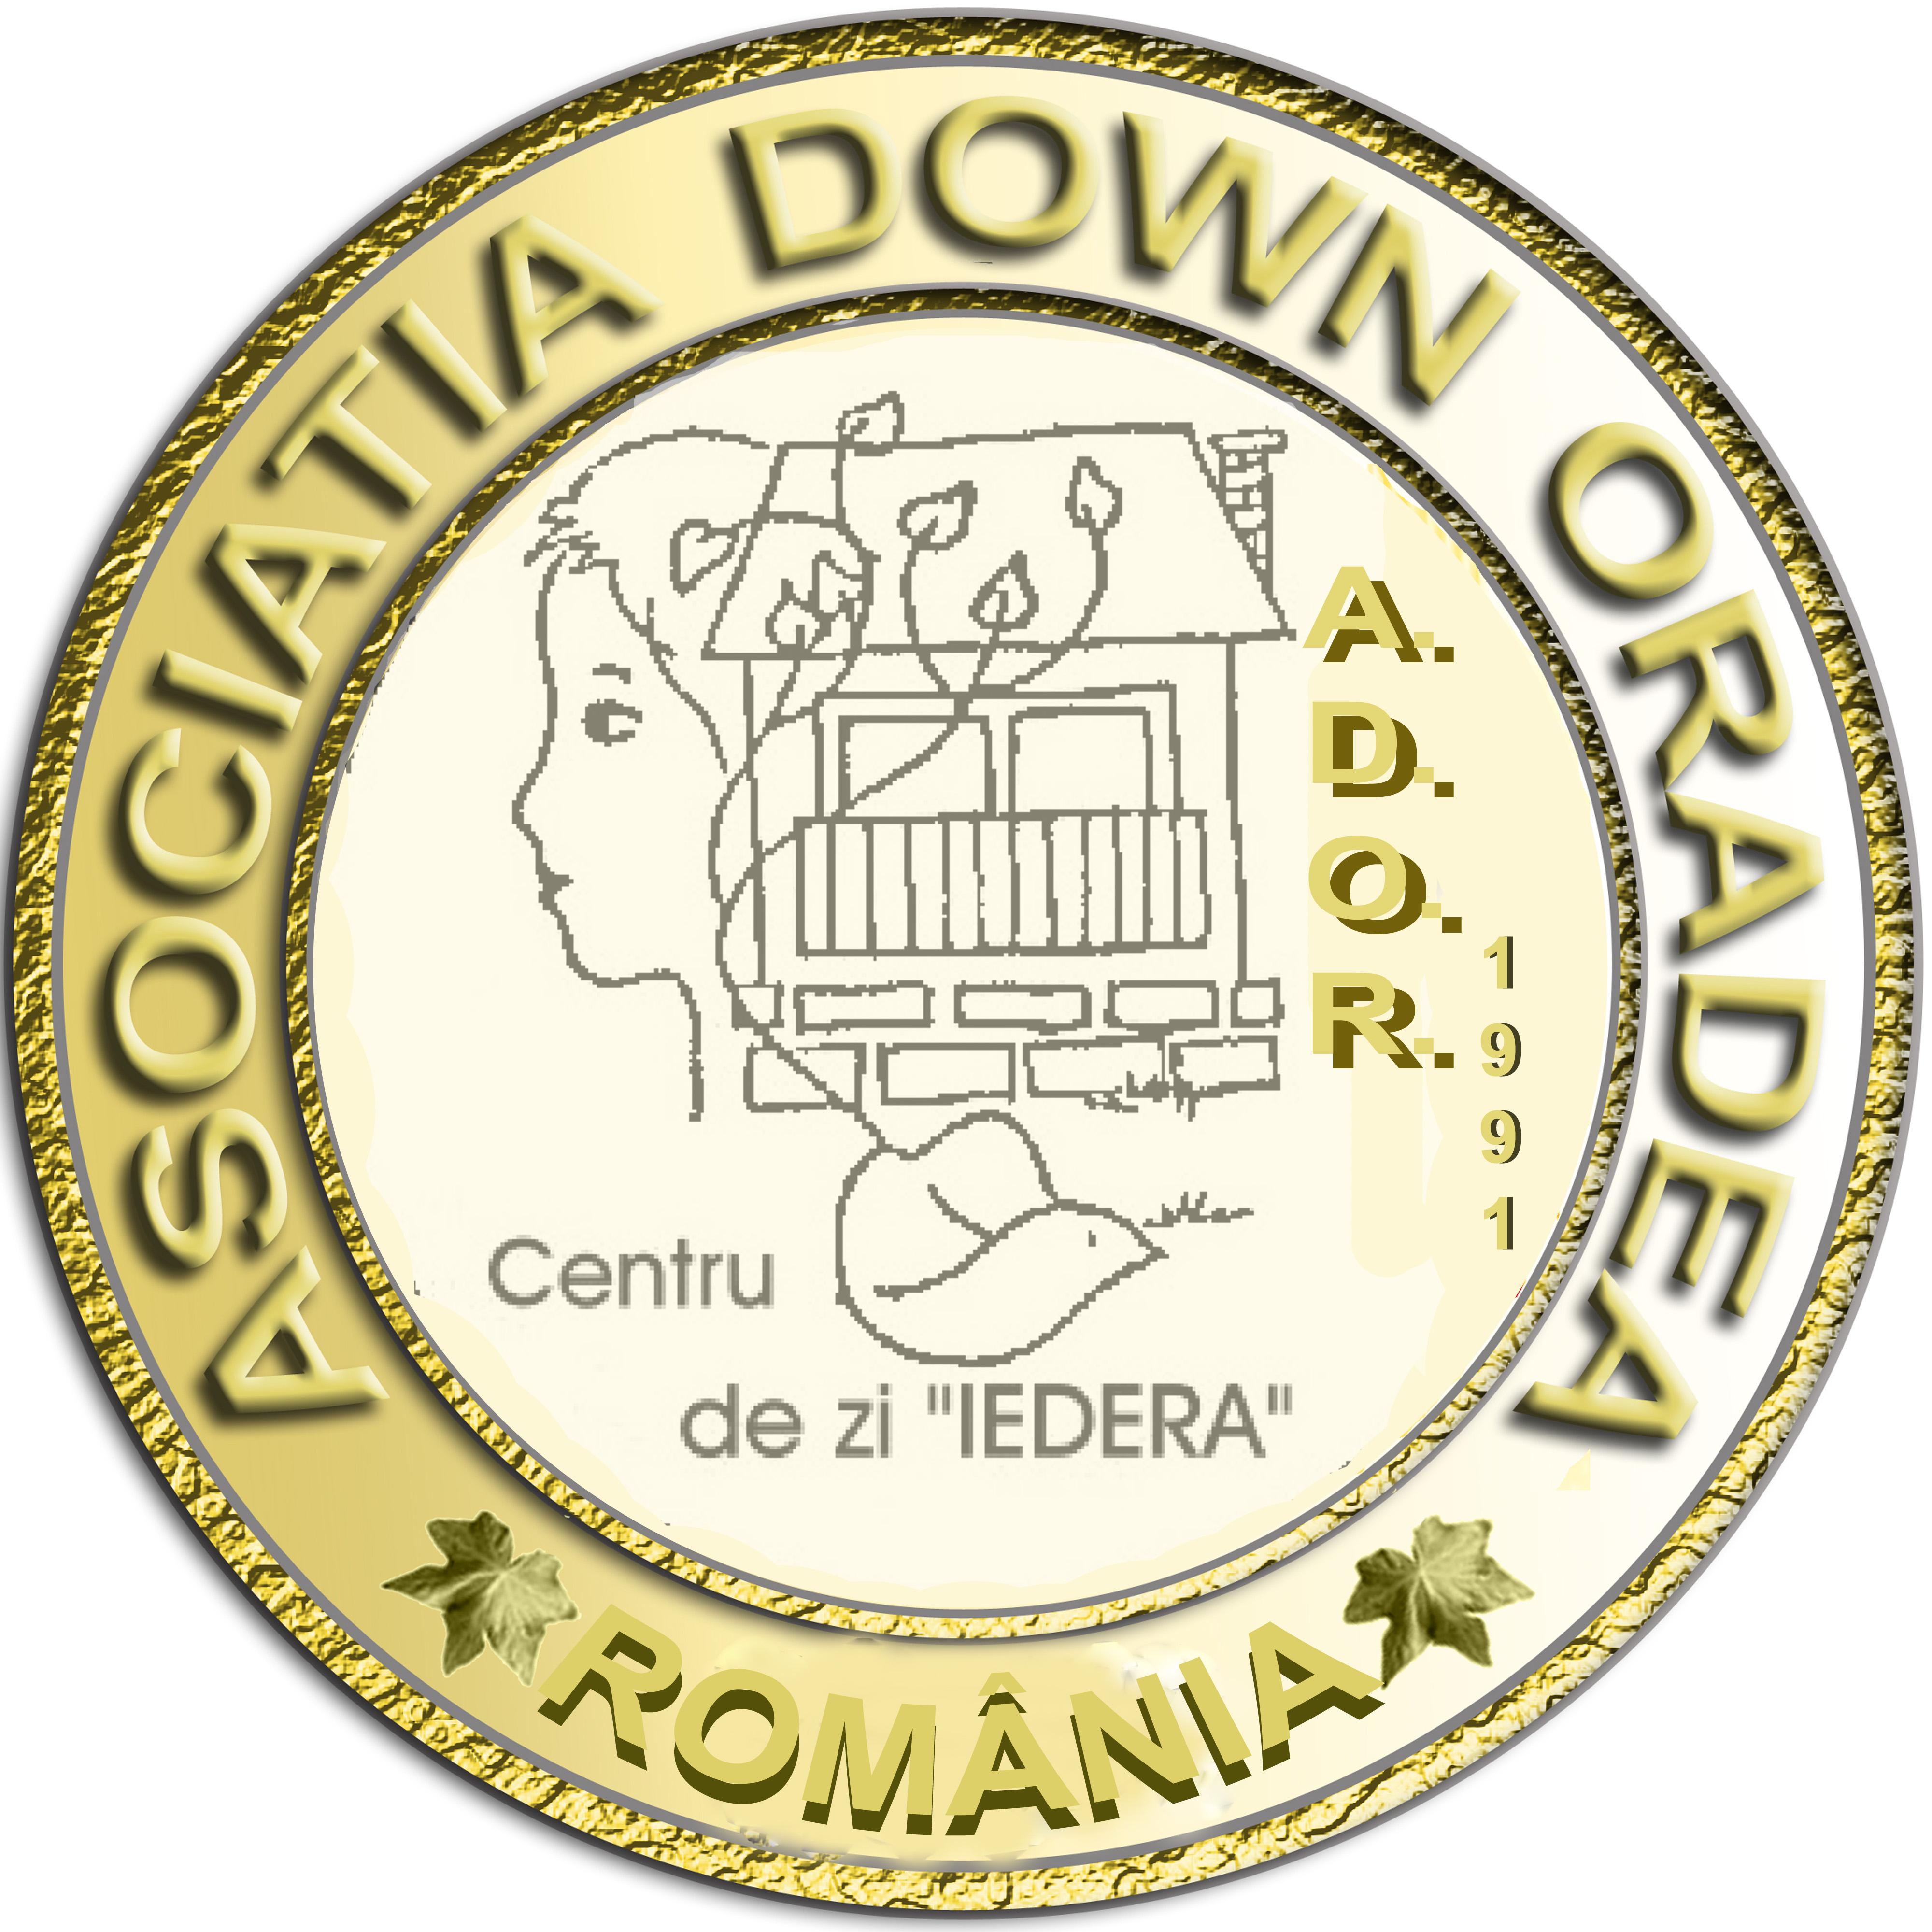 Asociatia Down Oradea Romania-ADOR logo